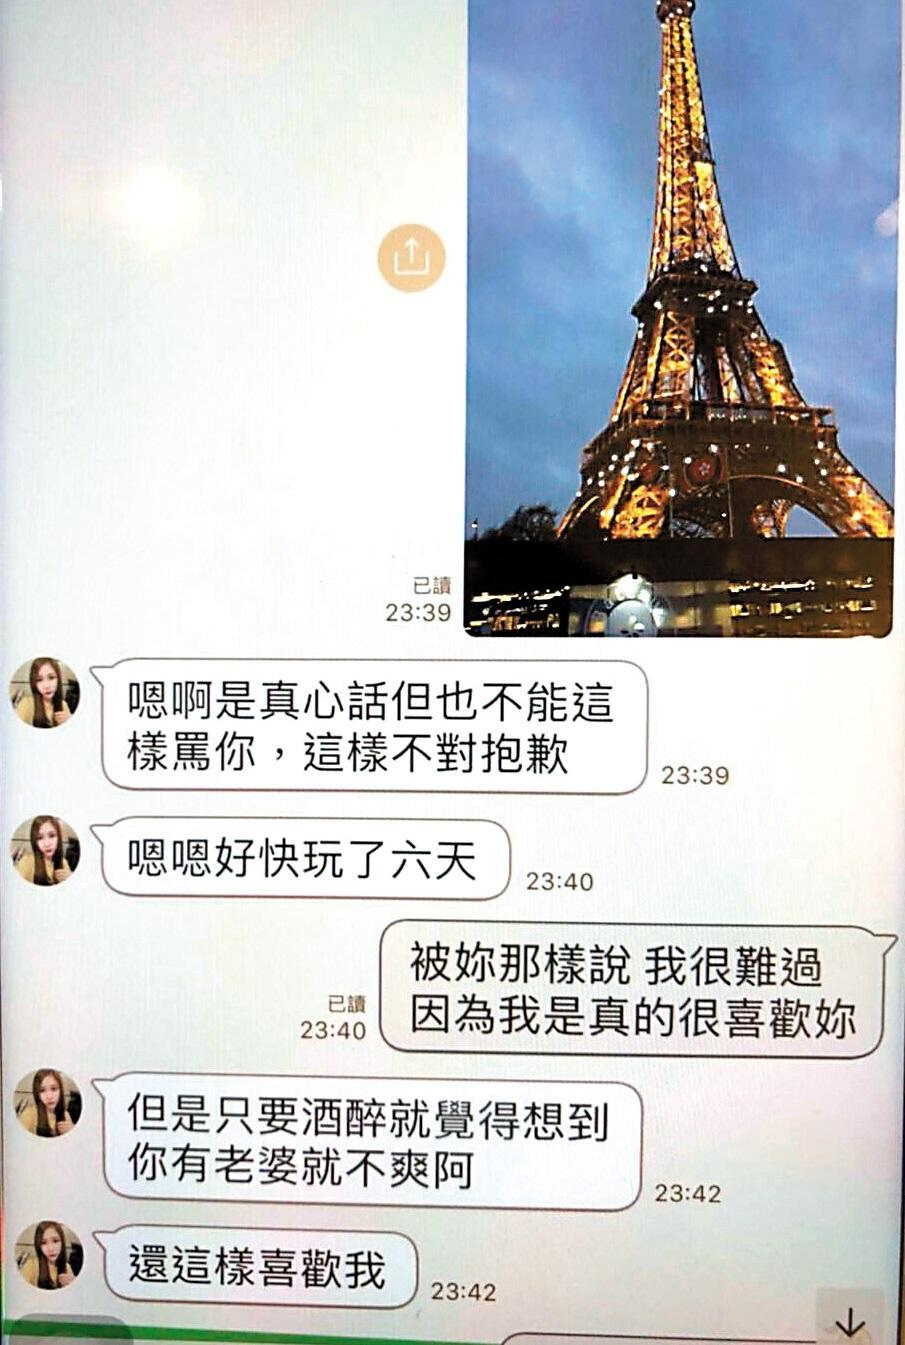 鄭承浩和妻小赴巴黎旅遊,不忘隨時和小三葉女調情。(讀者提供)